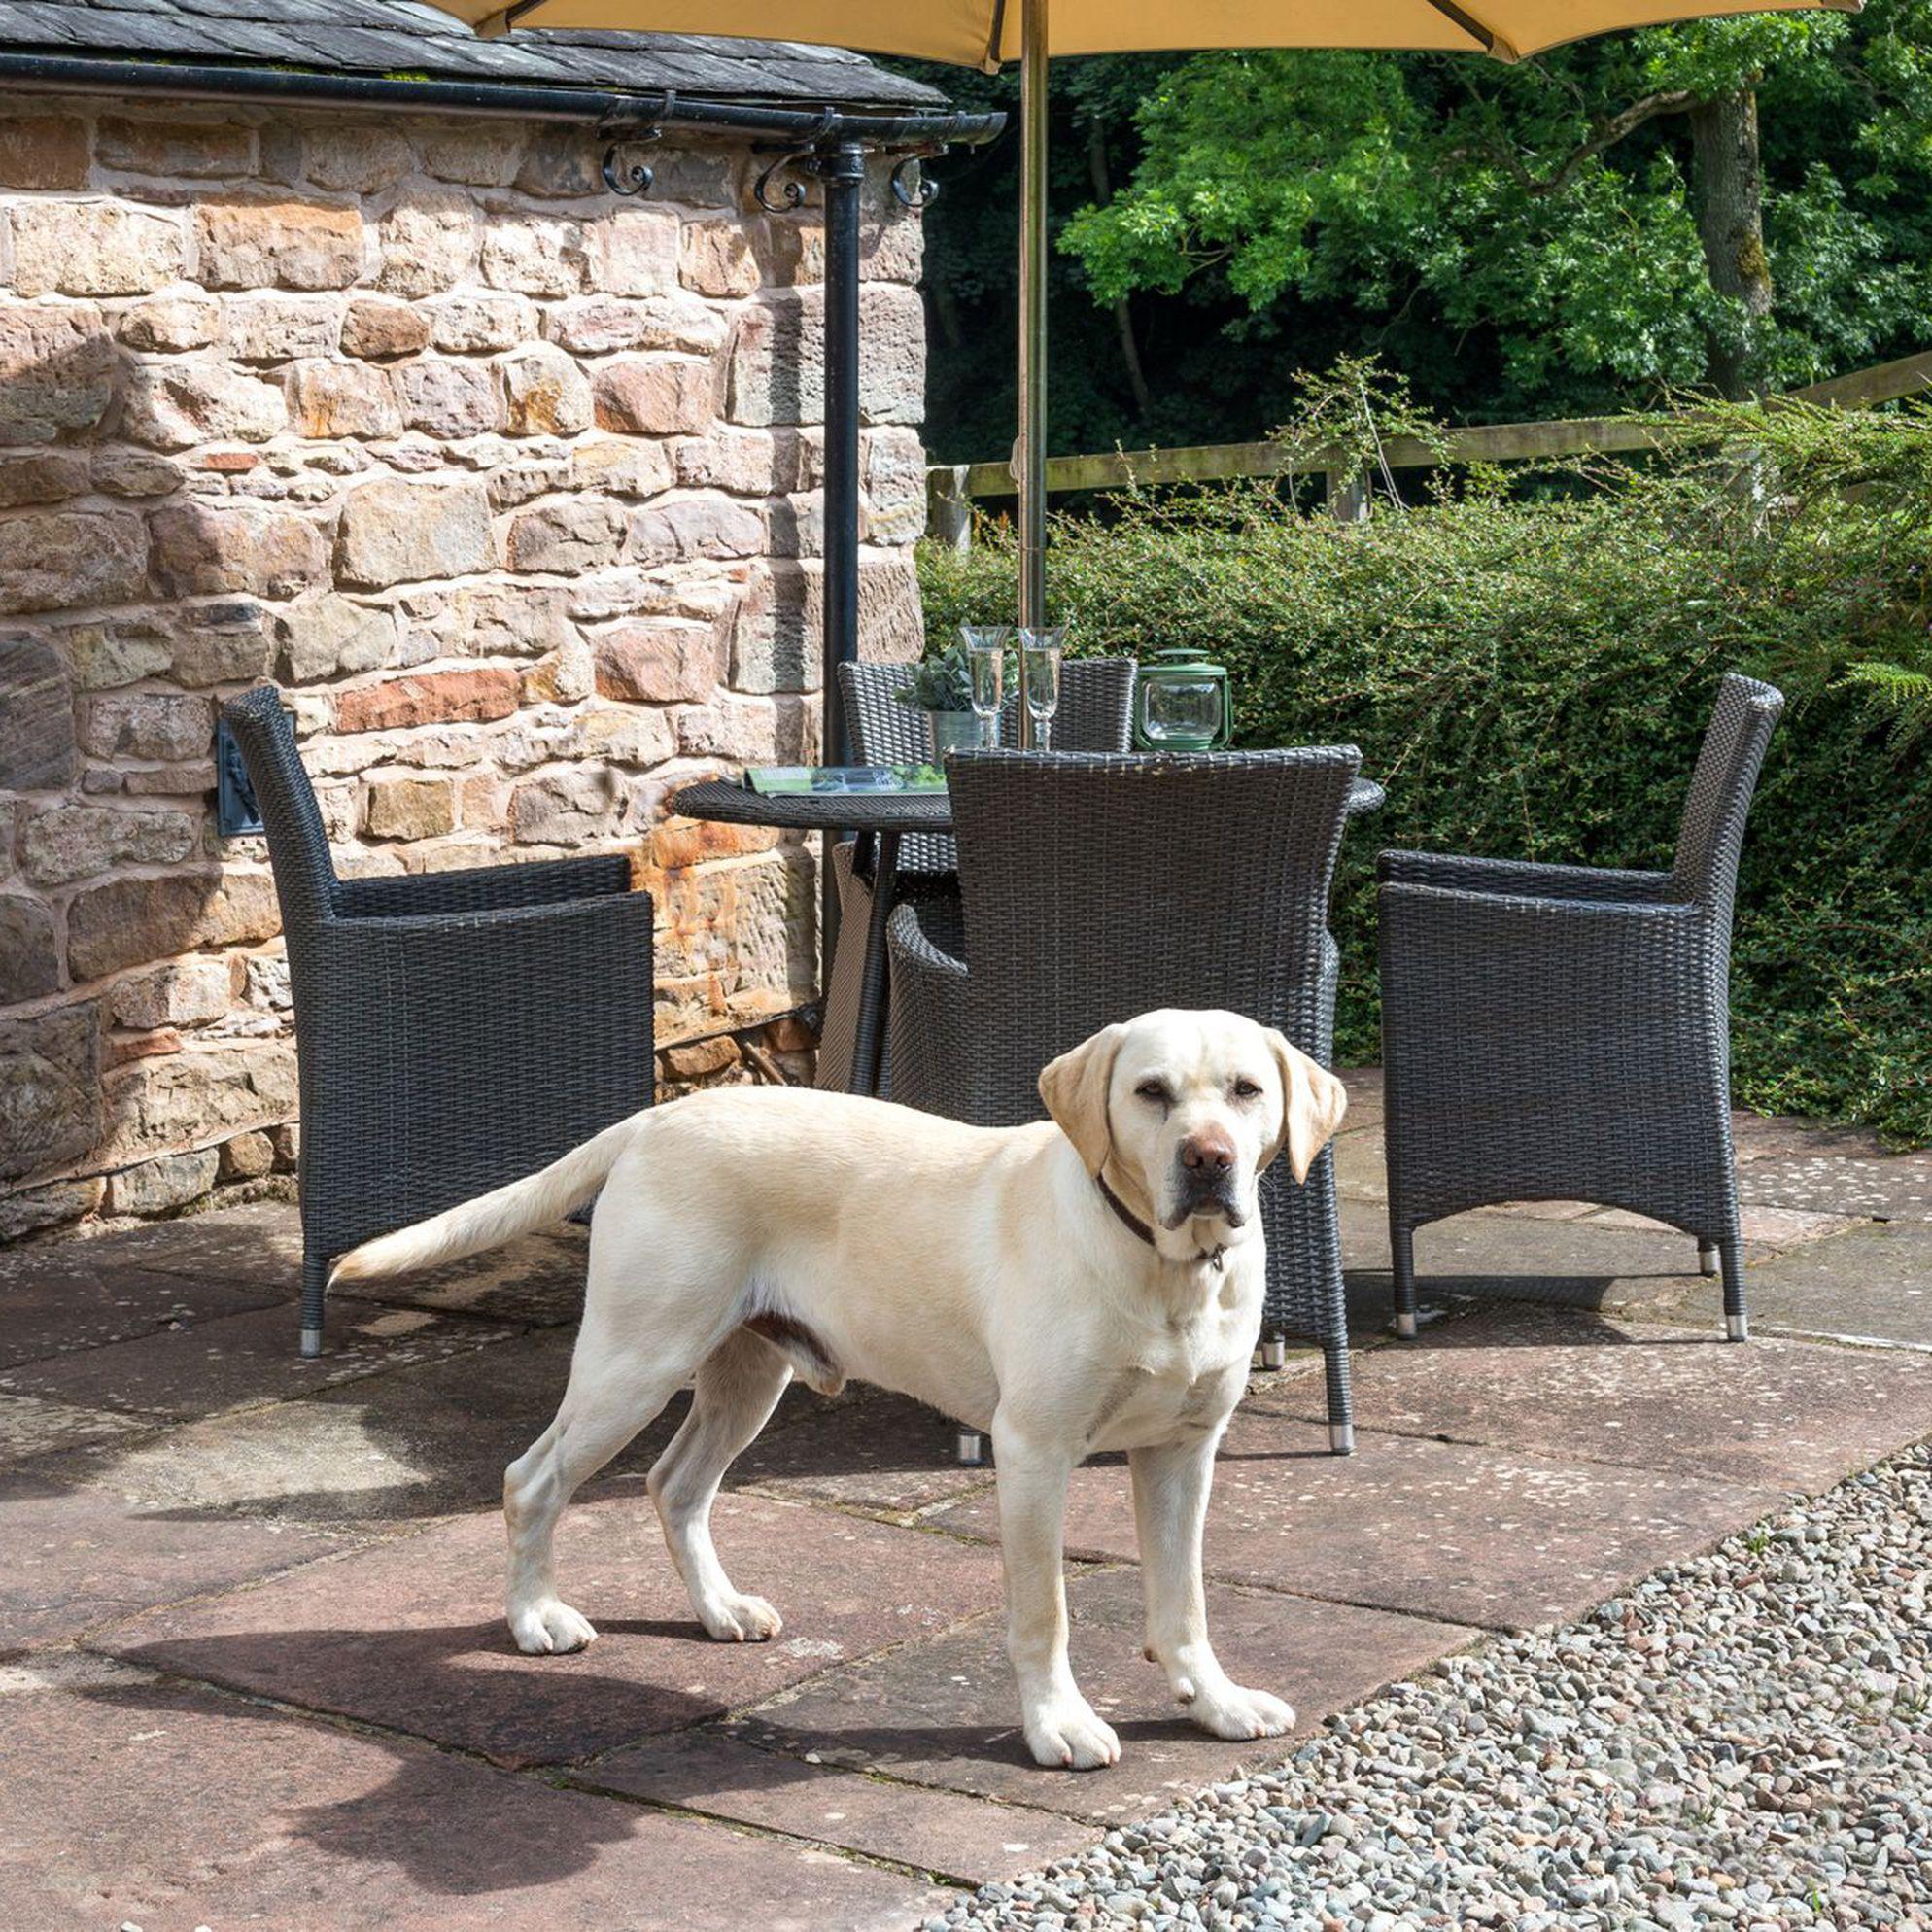 Dog-friendly holidays in Cumbria